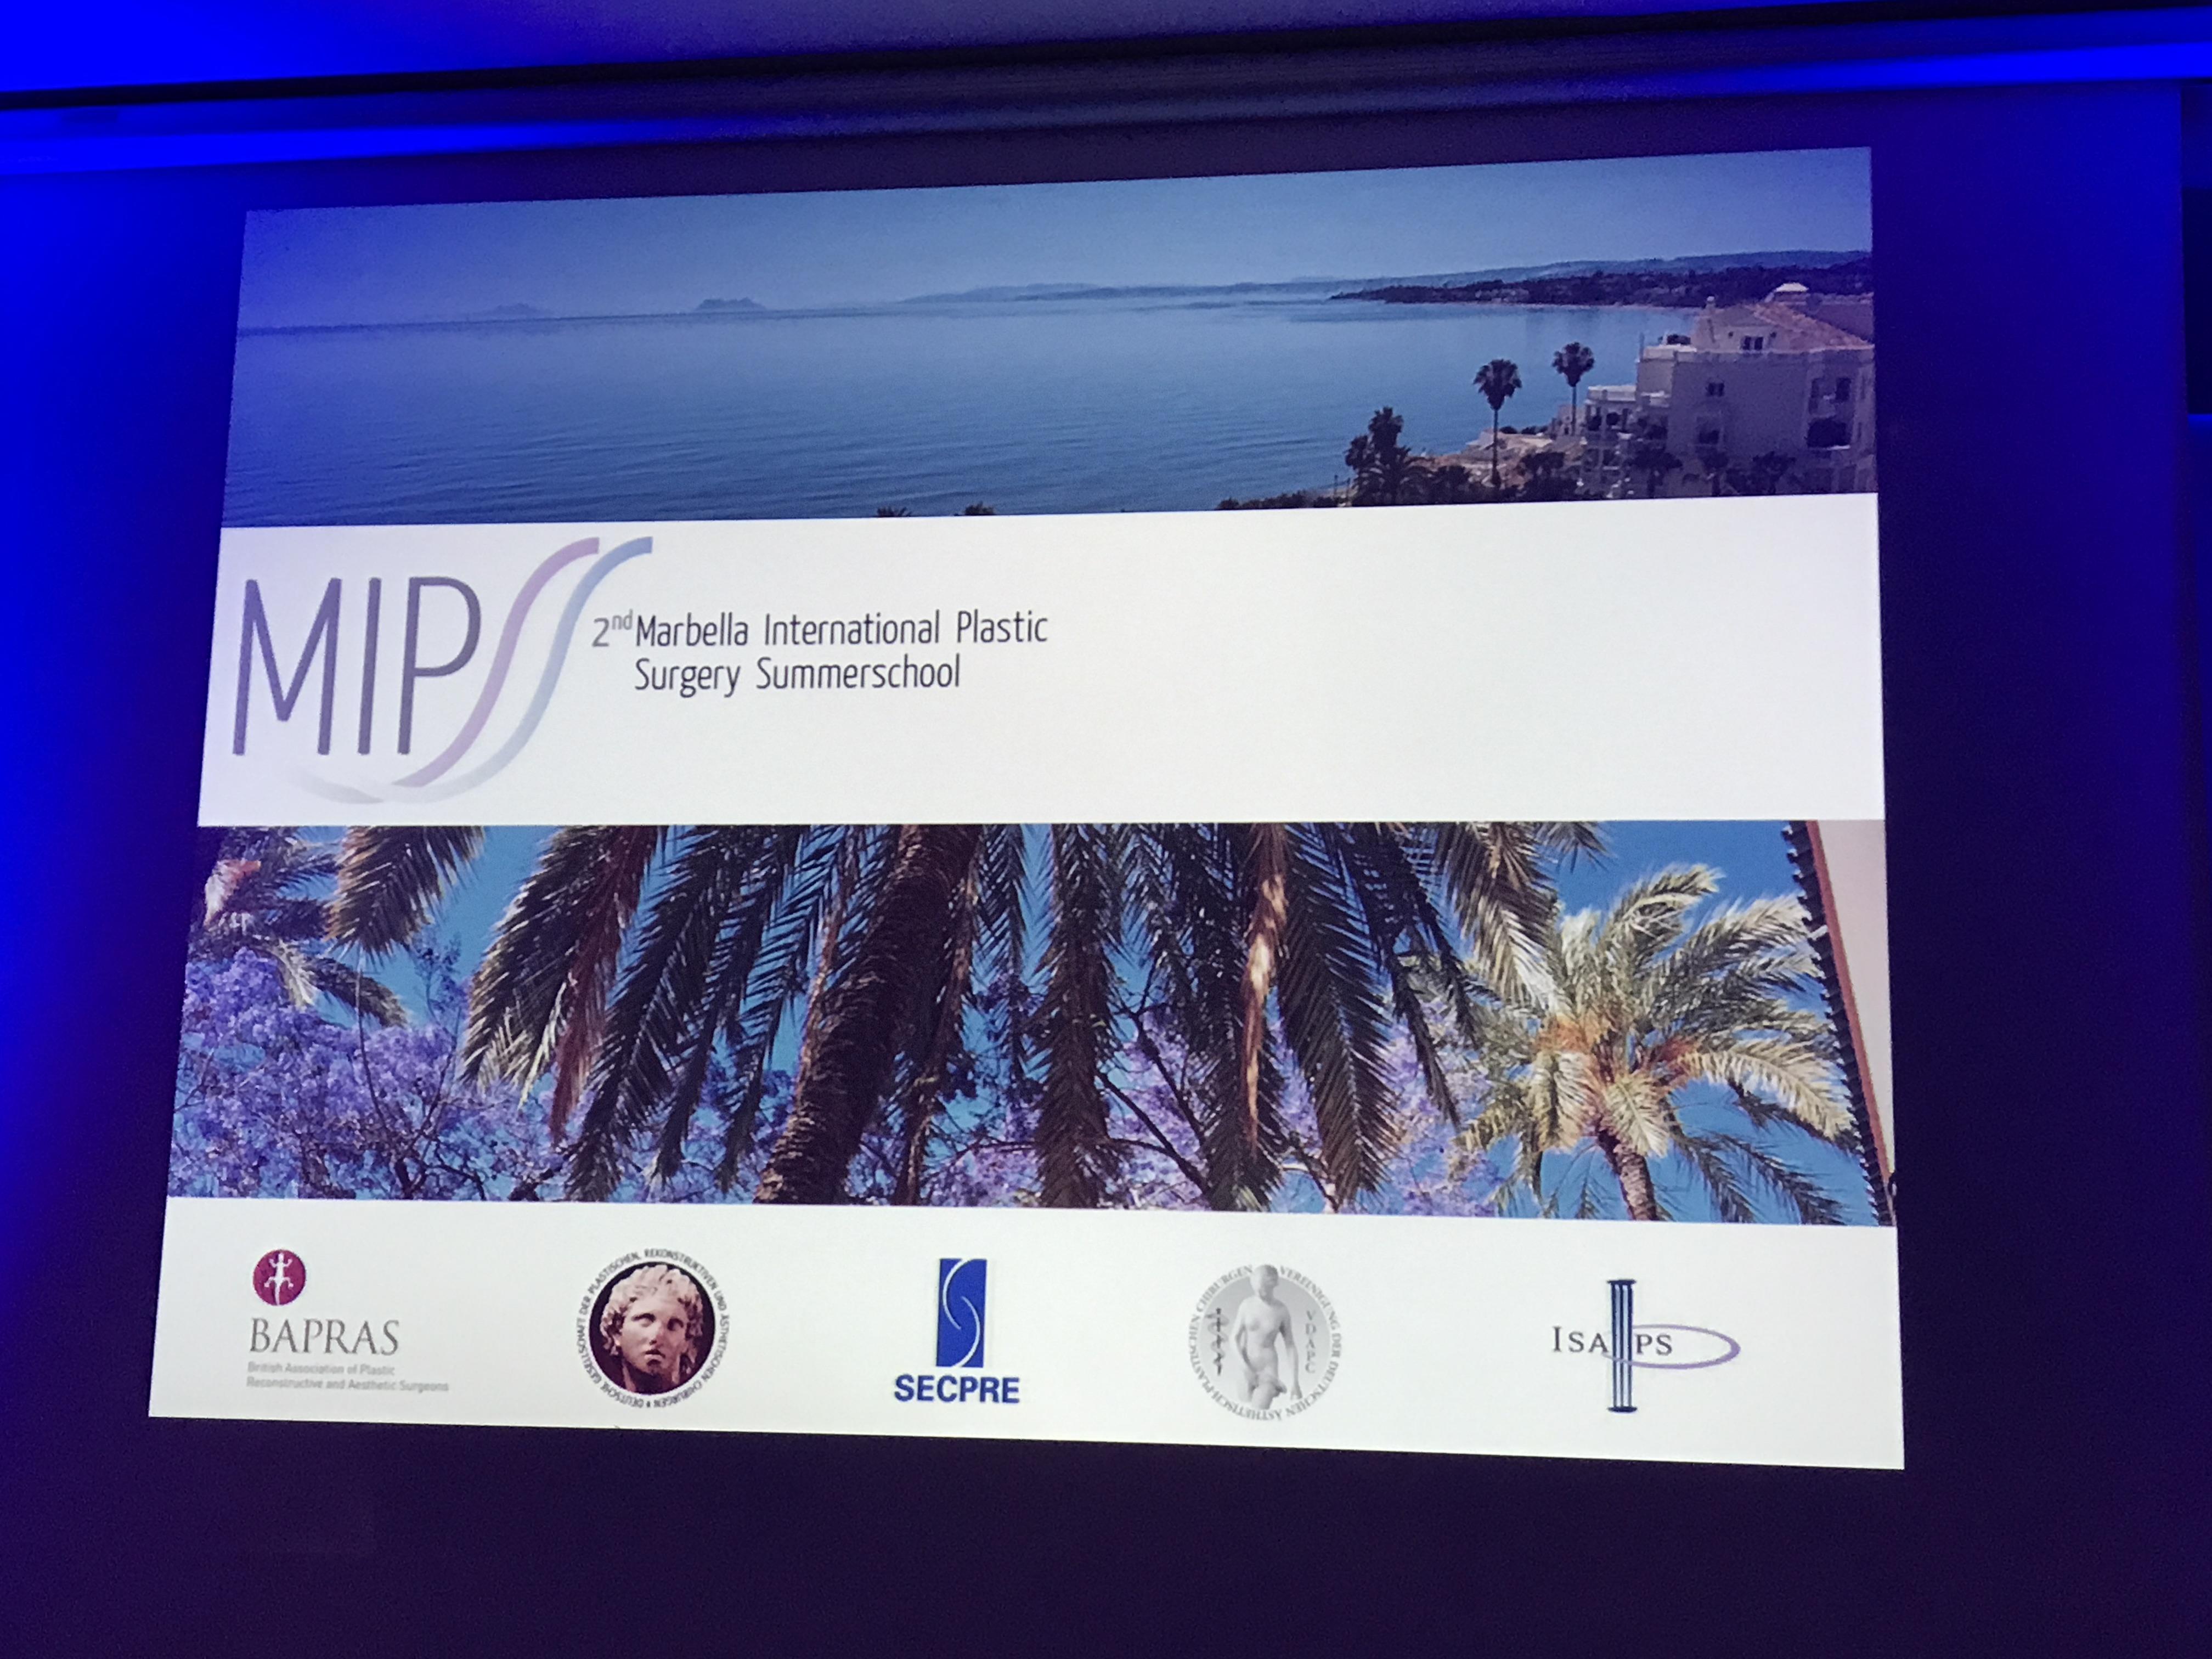 2nd MIPSS - Clínica Cirugía Estética Madrid Dra. Placer